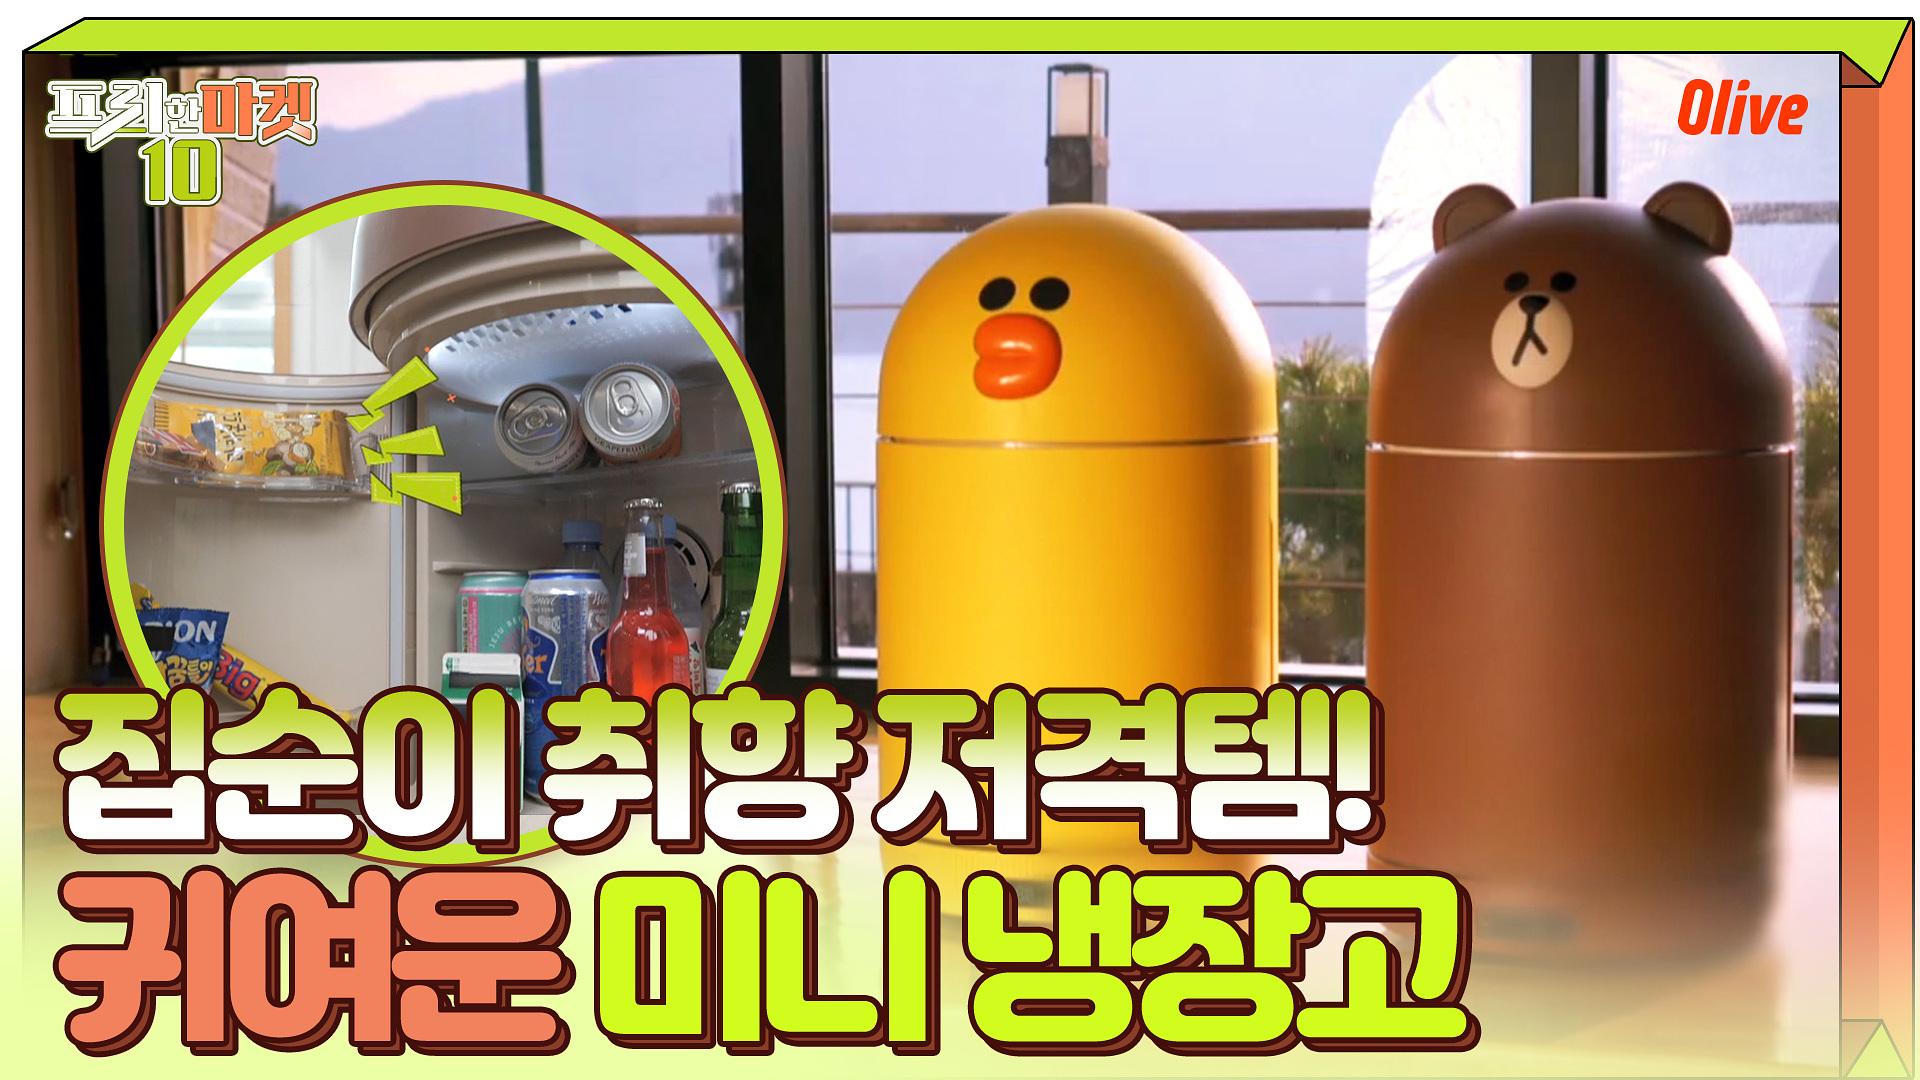 SNS 난리난 아이템! 이 귀여운 외모에 기능까지!! #냉장고